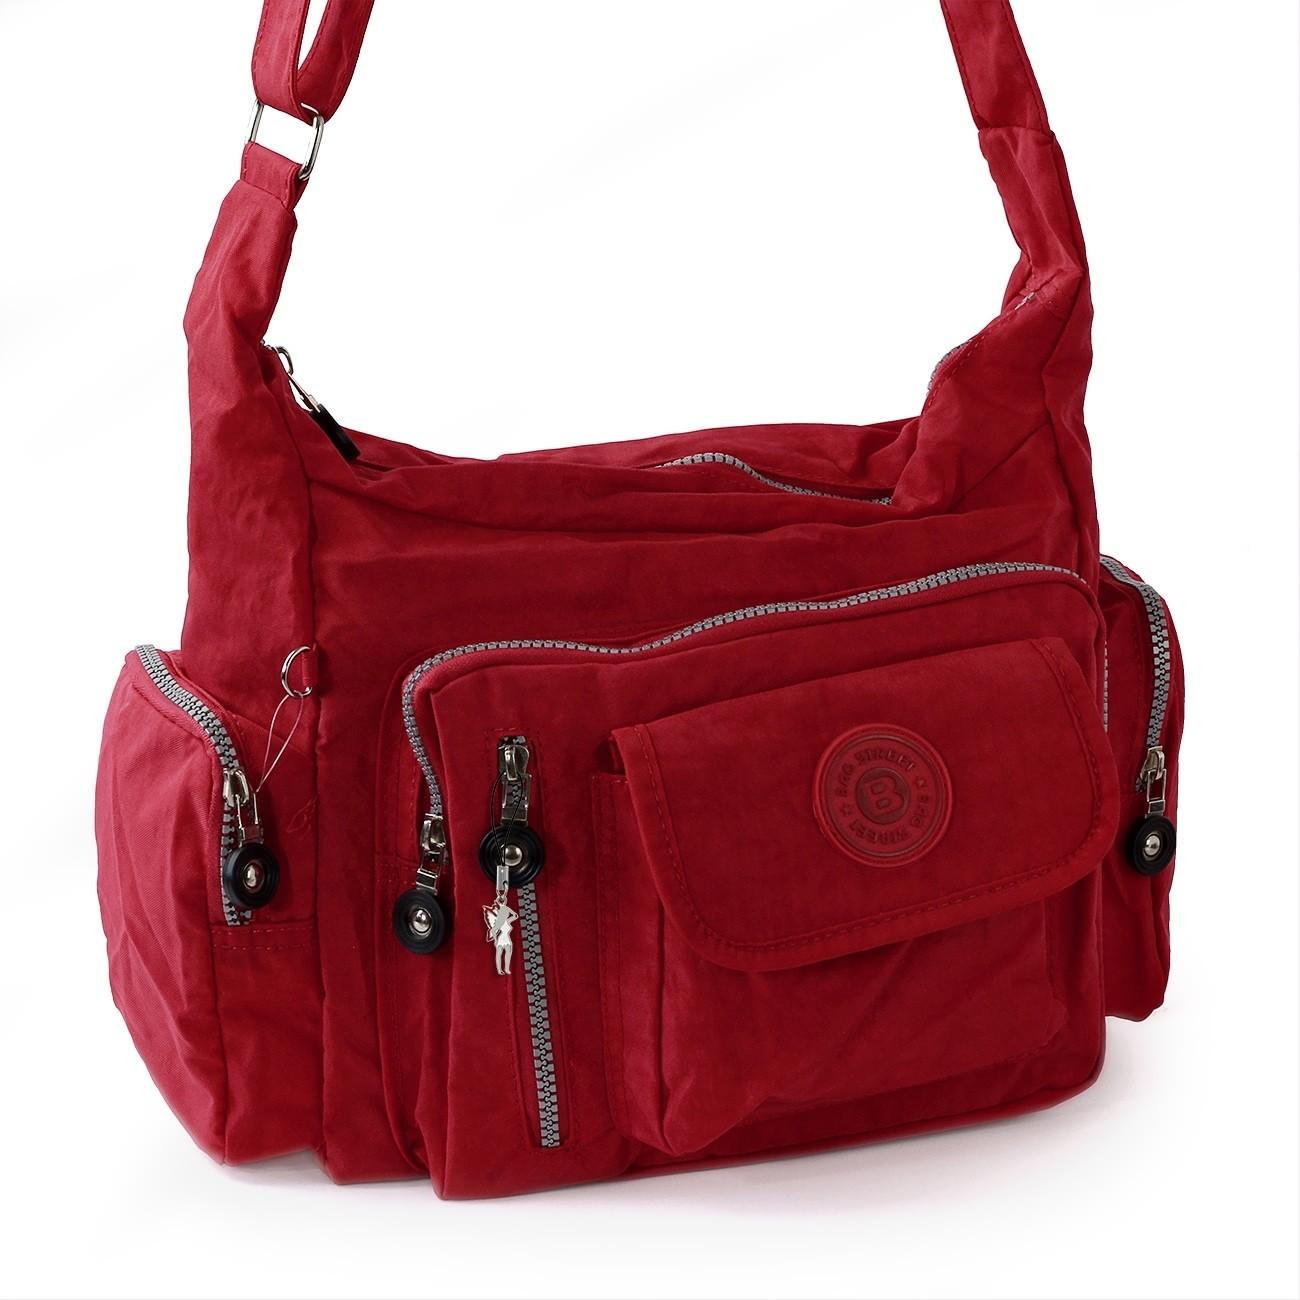 Schultertasche Nylon rot Sportliche Damen Umhängetasche Bag Street OTJ204R